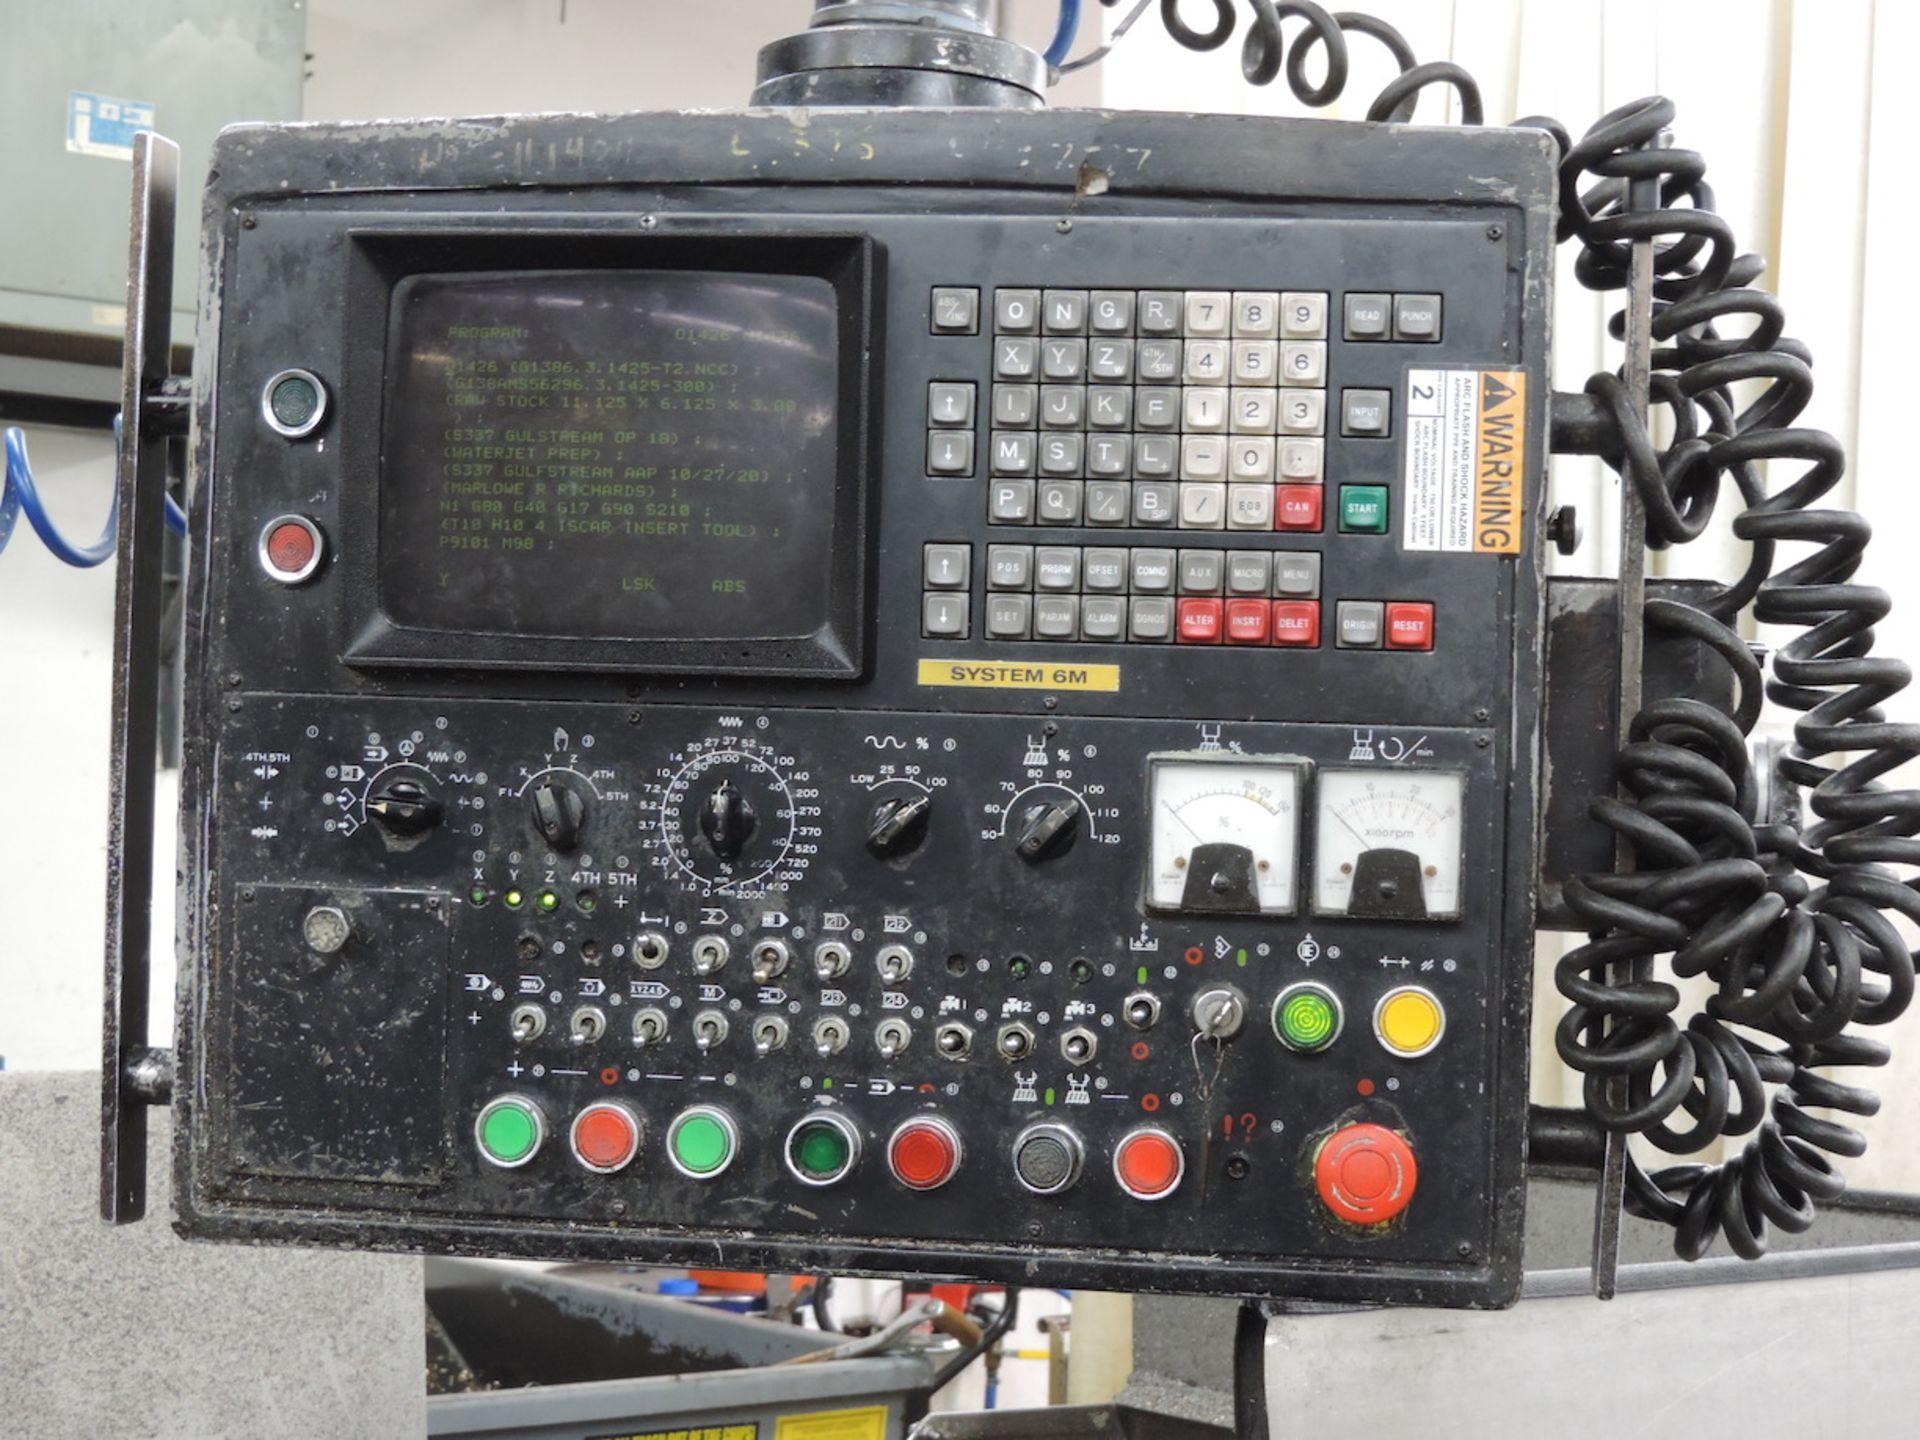 KURAKI KV-2000 KV-1600W VMC, FANUC 6M CONTROL, 3000 RPM, 50 TAPER SPINDLE, 24 ATC, XYZ TRAVELS: - Image 6 of 13